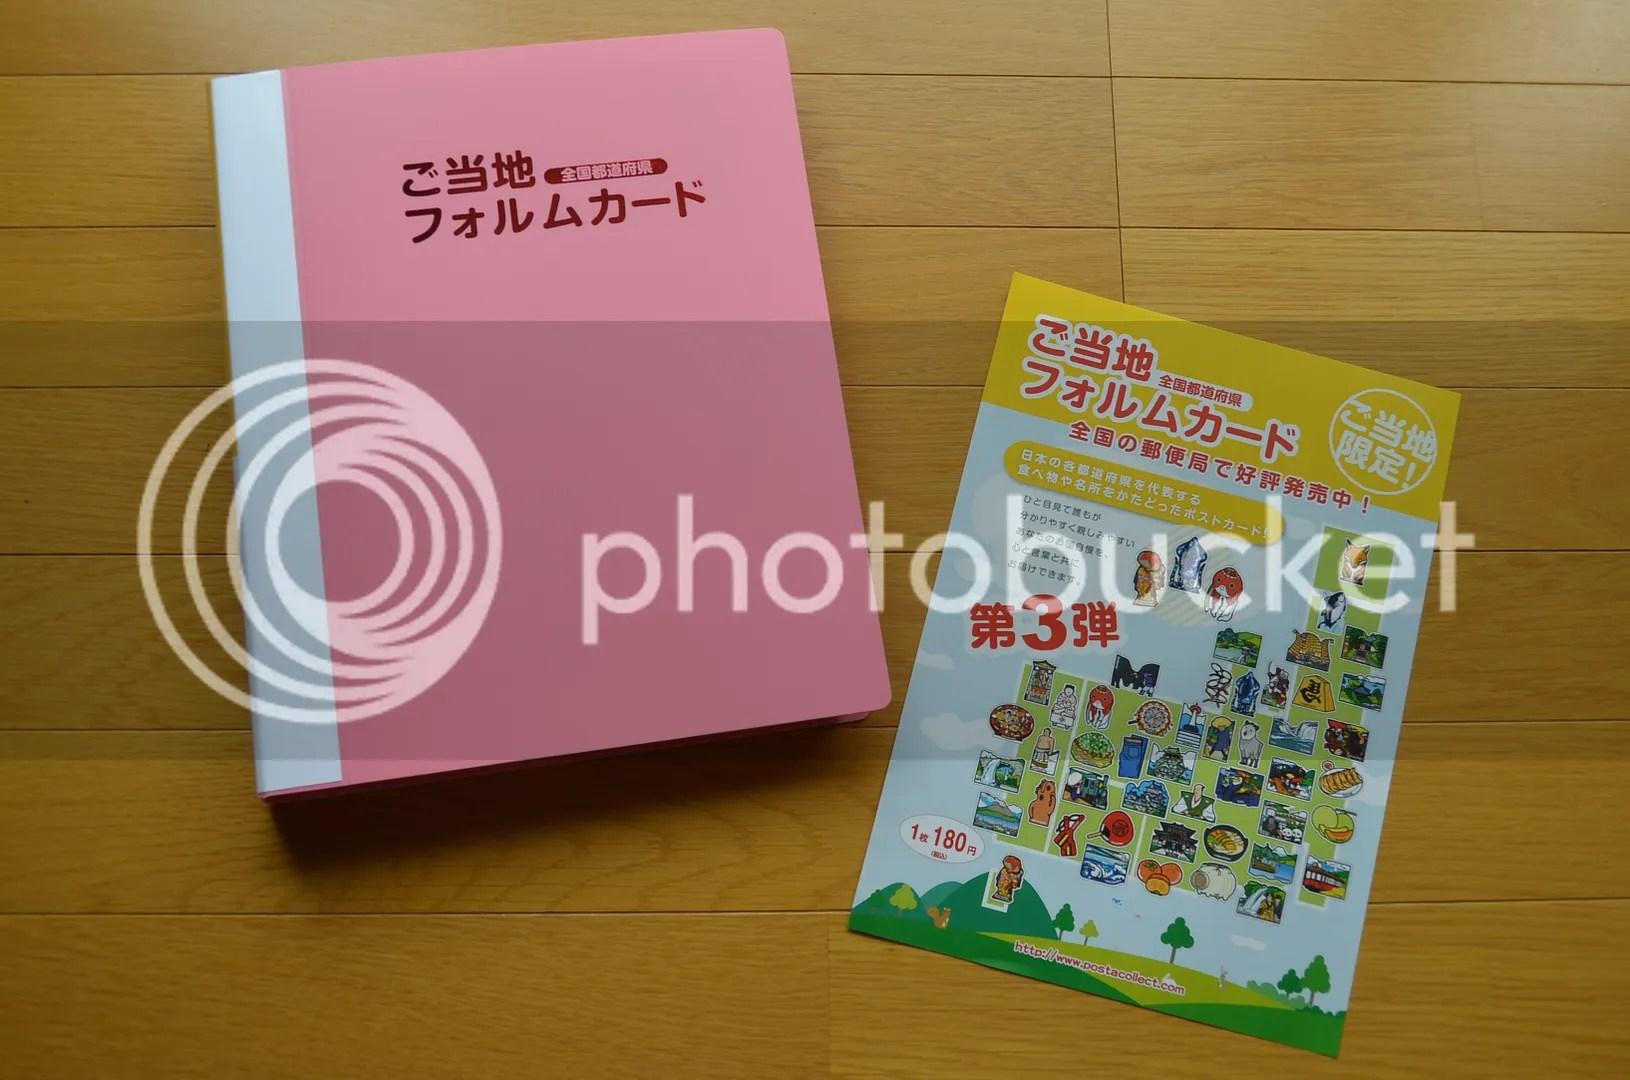 3 photo DSC_6022.jpg